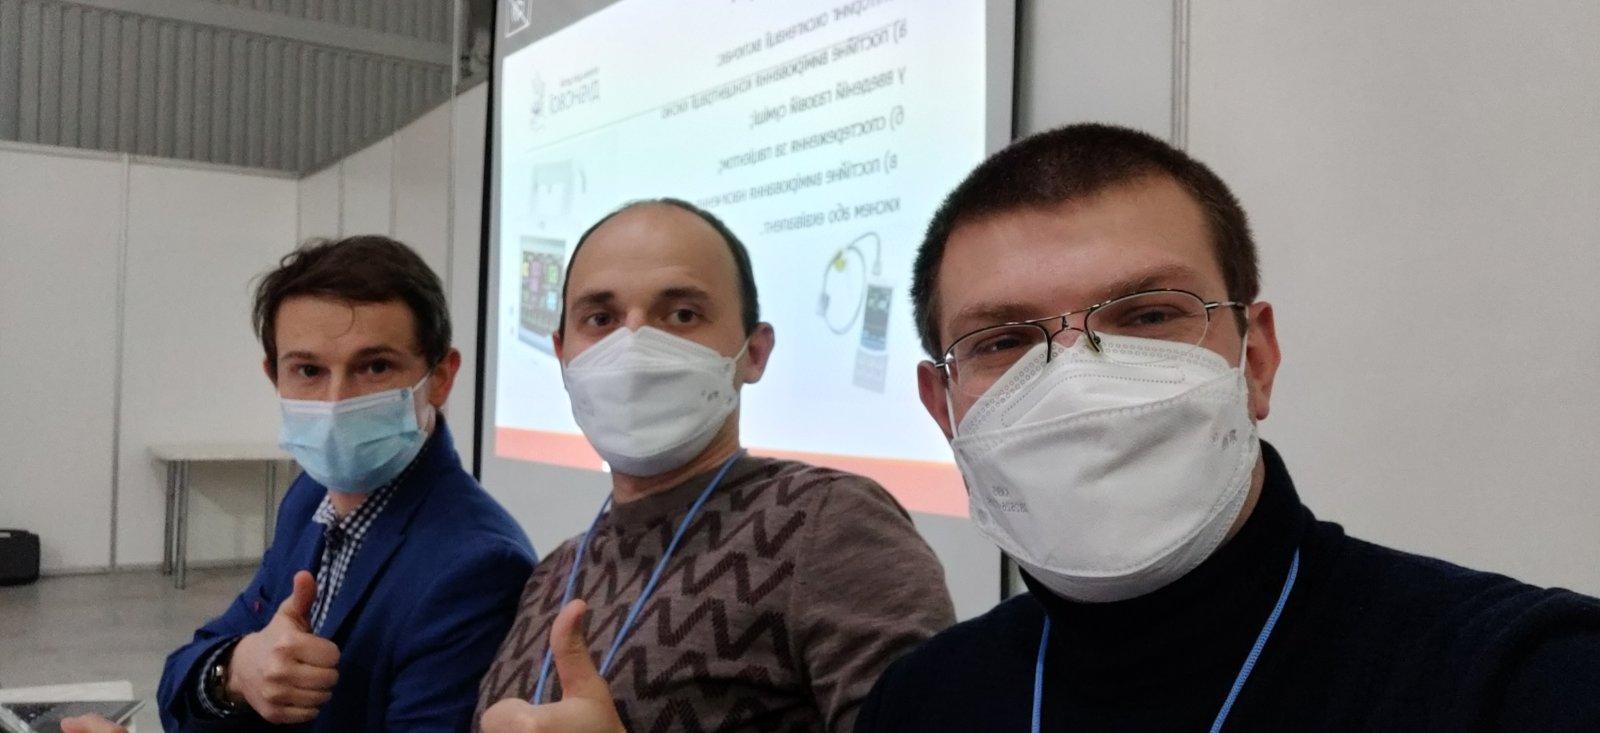 izobrazhenie viber 2020 11 26 16 52 40 - Наши врачи - спикеры на симпозиуме по детской стоматологии